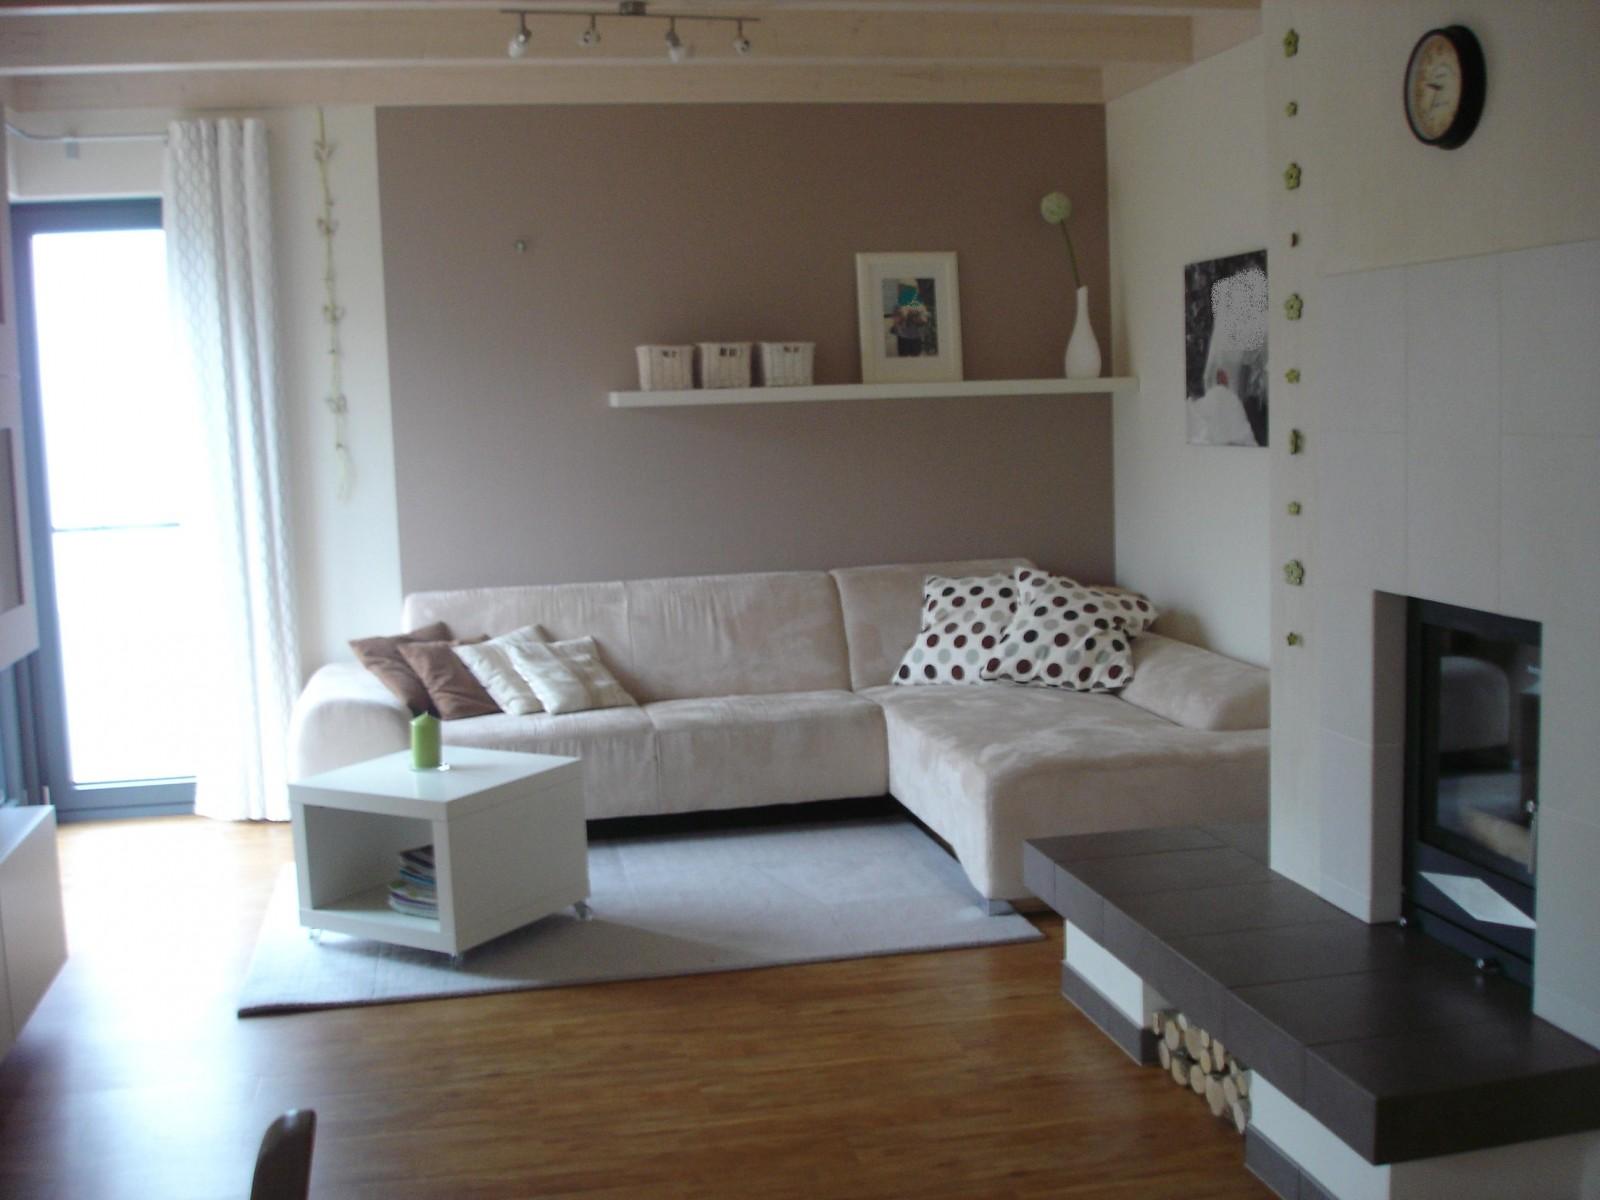 Wohnzimmer Unser Zuhause Von Ib86 31374 Zimmerschau